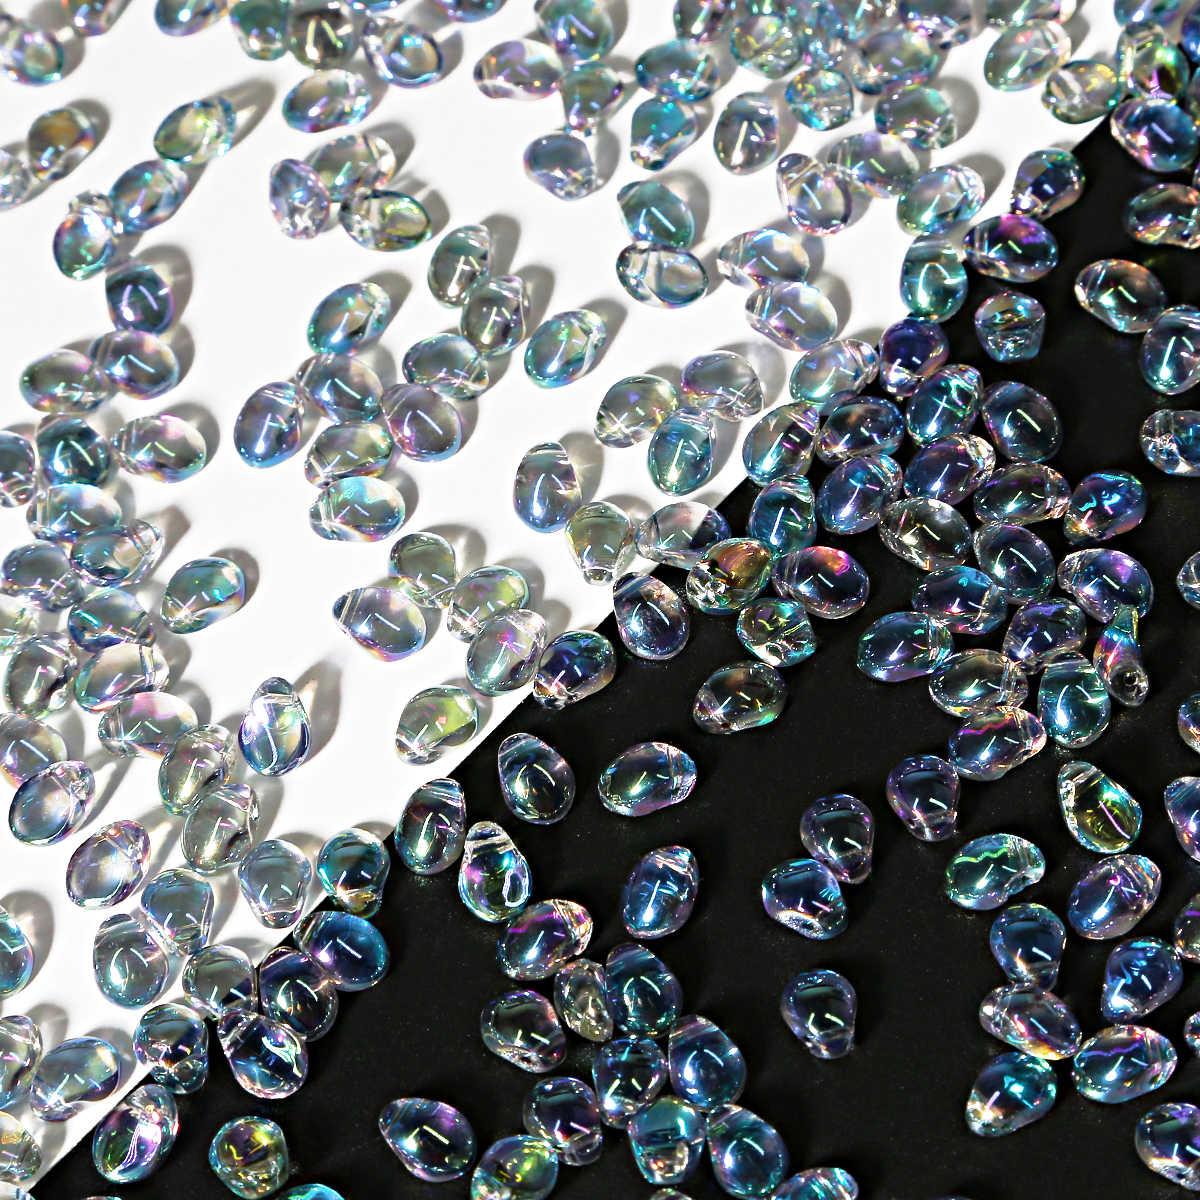 50 個 6*8 ミリメートル双円錐形クリスタルオーストリアビーズチャームため平滑なガラス水滴ビーズルーススペーサービーズジュエリーアクセサリーヘアピン Diy のジュエリーメイキング